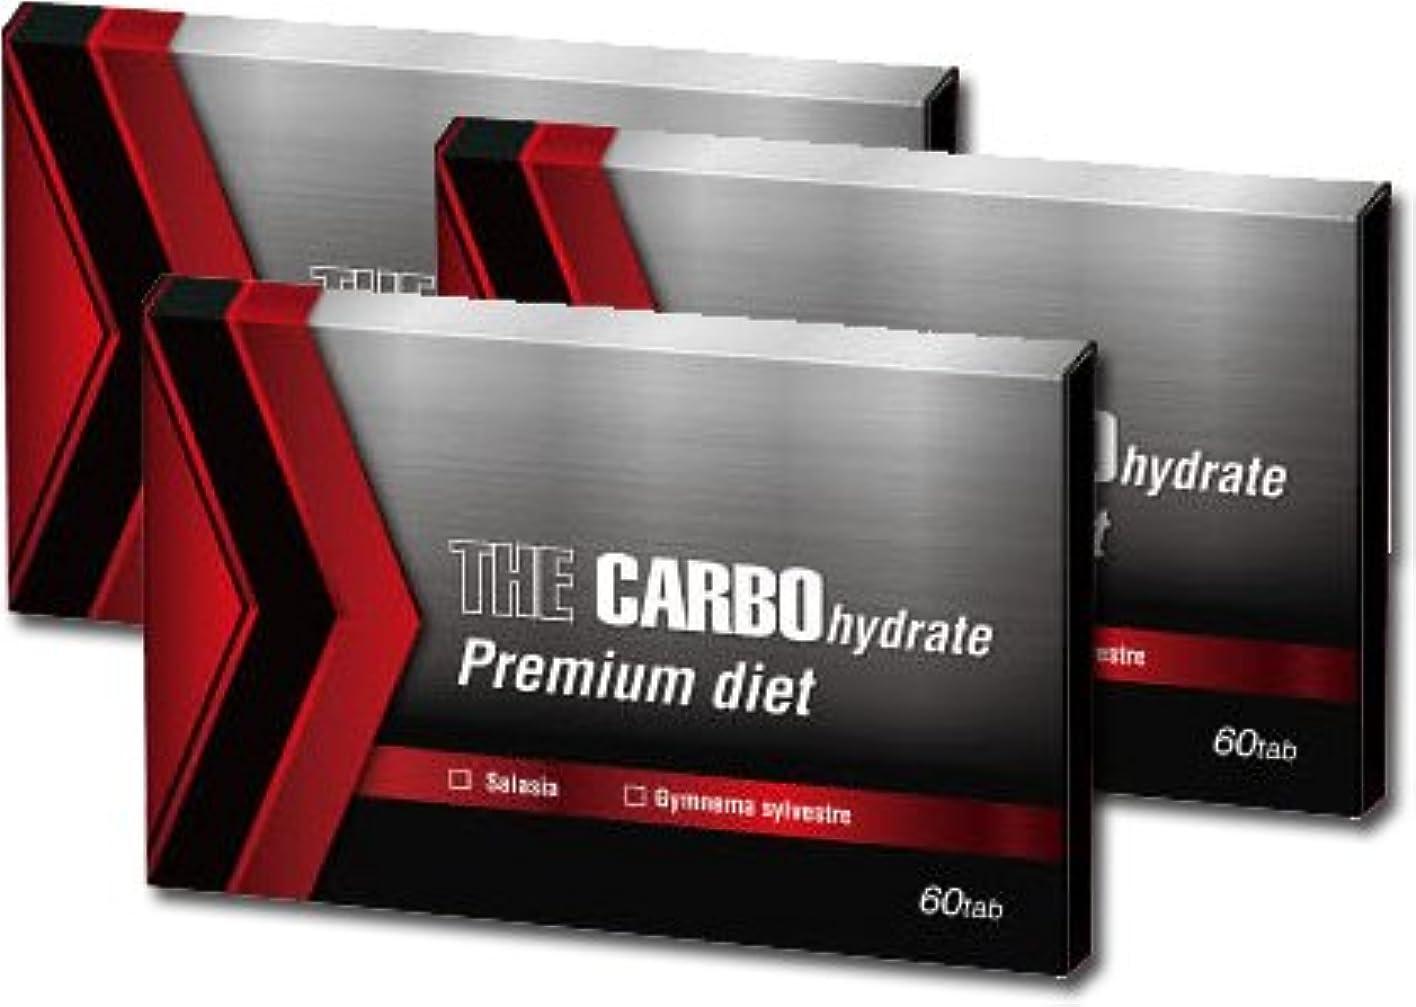 反逆者抑止するセラーザ?糖質プレミアムダイエット60Tab×3箱セット〔THE CARBO hydrate Premium daiet〕